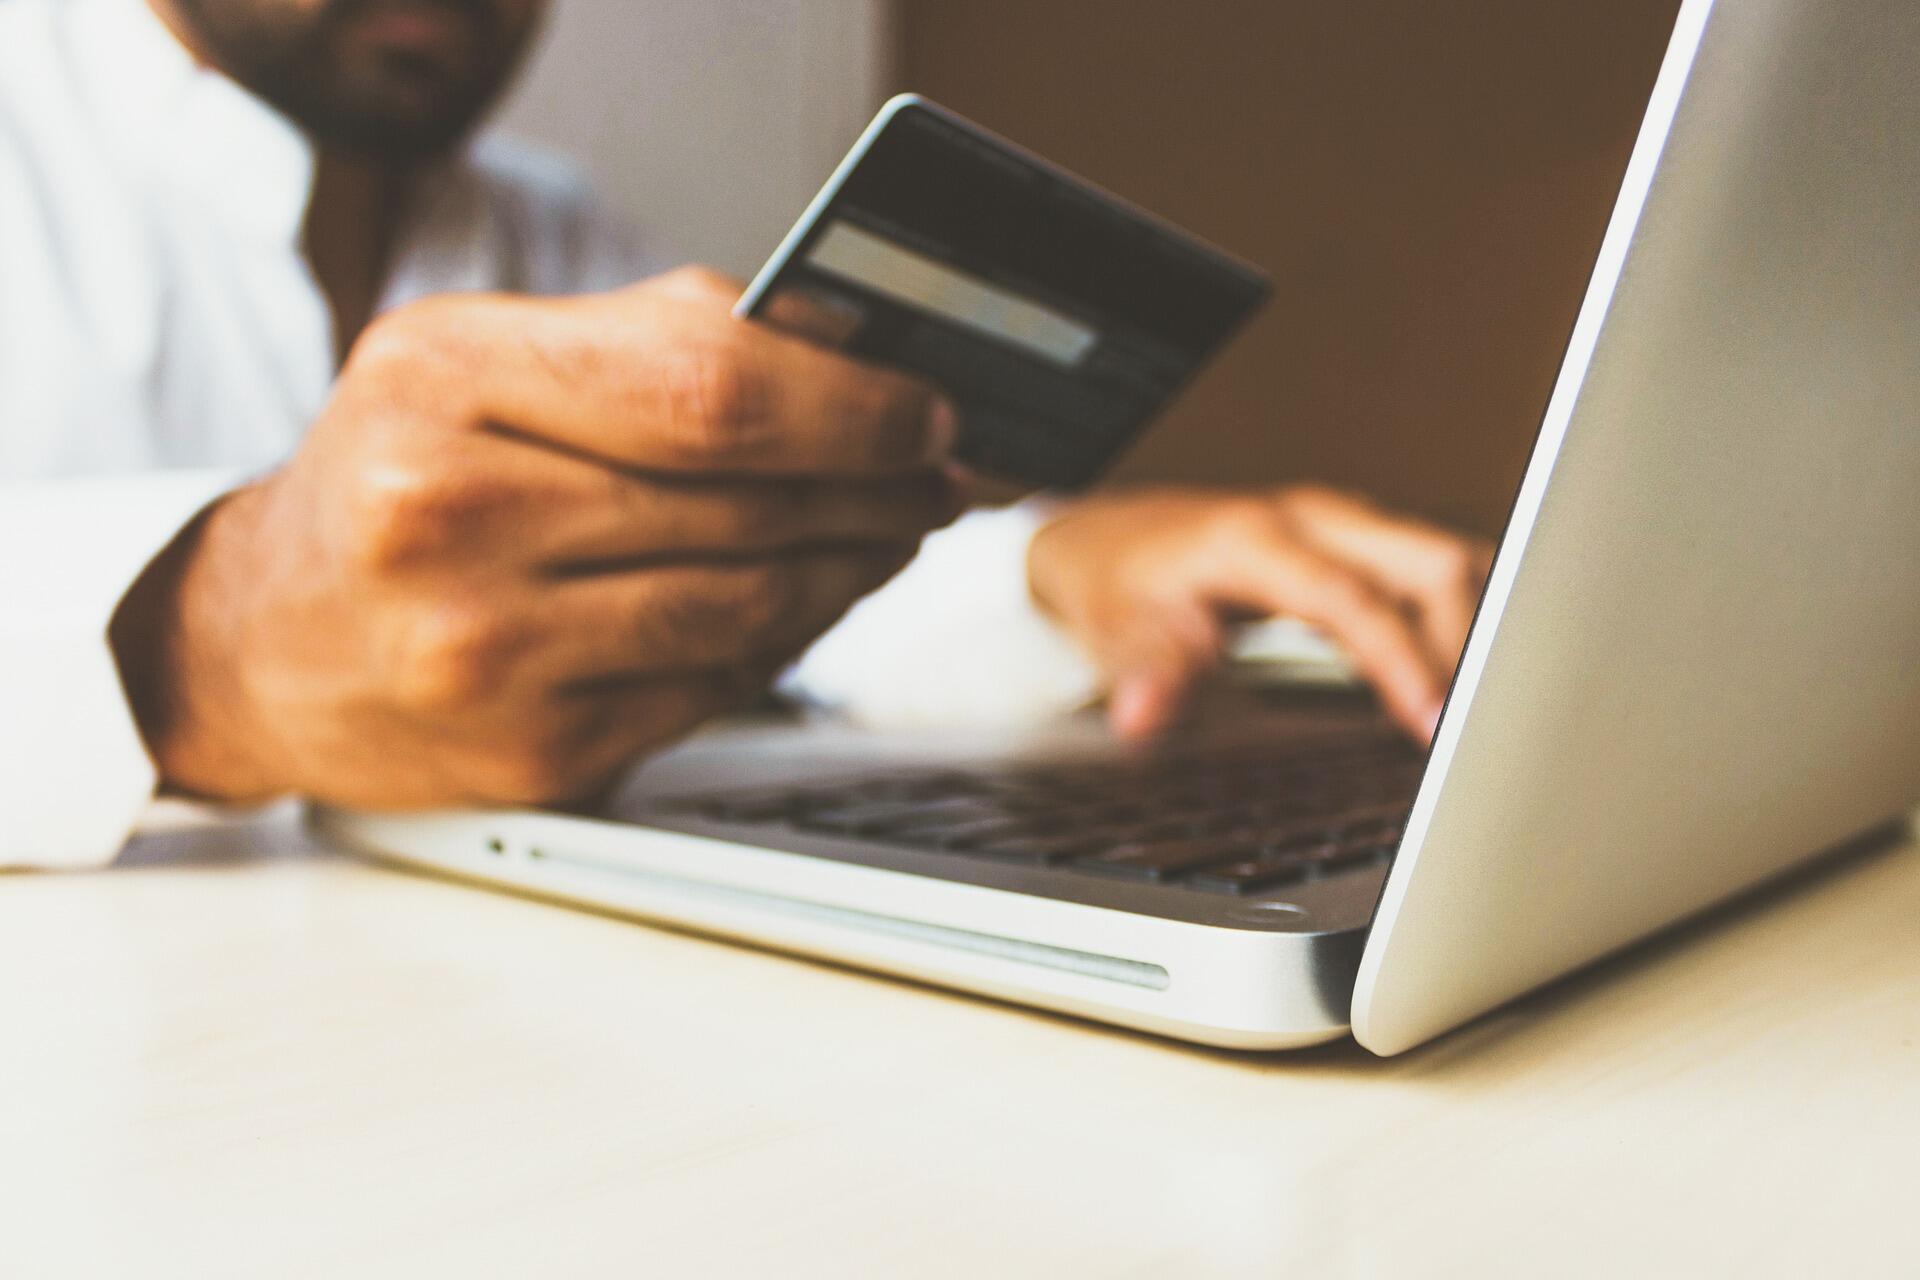 rastro deixado pelas as transações financeiras eletrônicas tornaram o sistema mais seguro, ao limitar o dinheiro sujo em circulação.